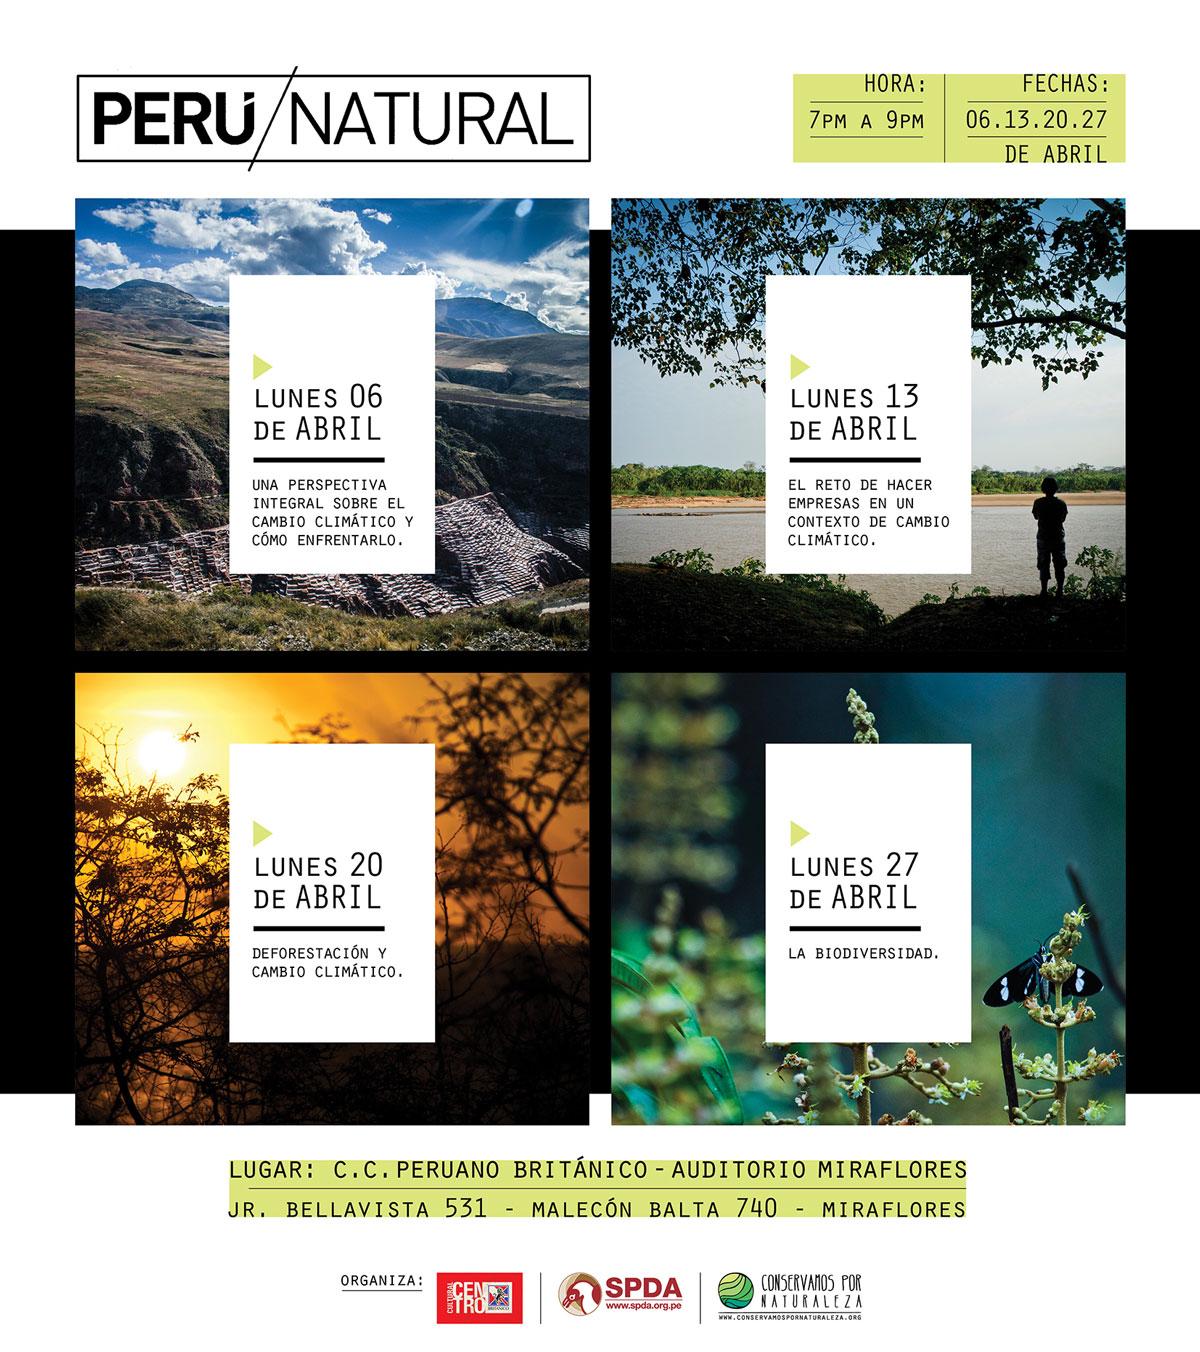 flyer_peru-naturalII